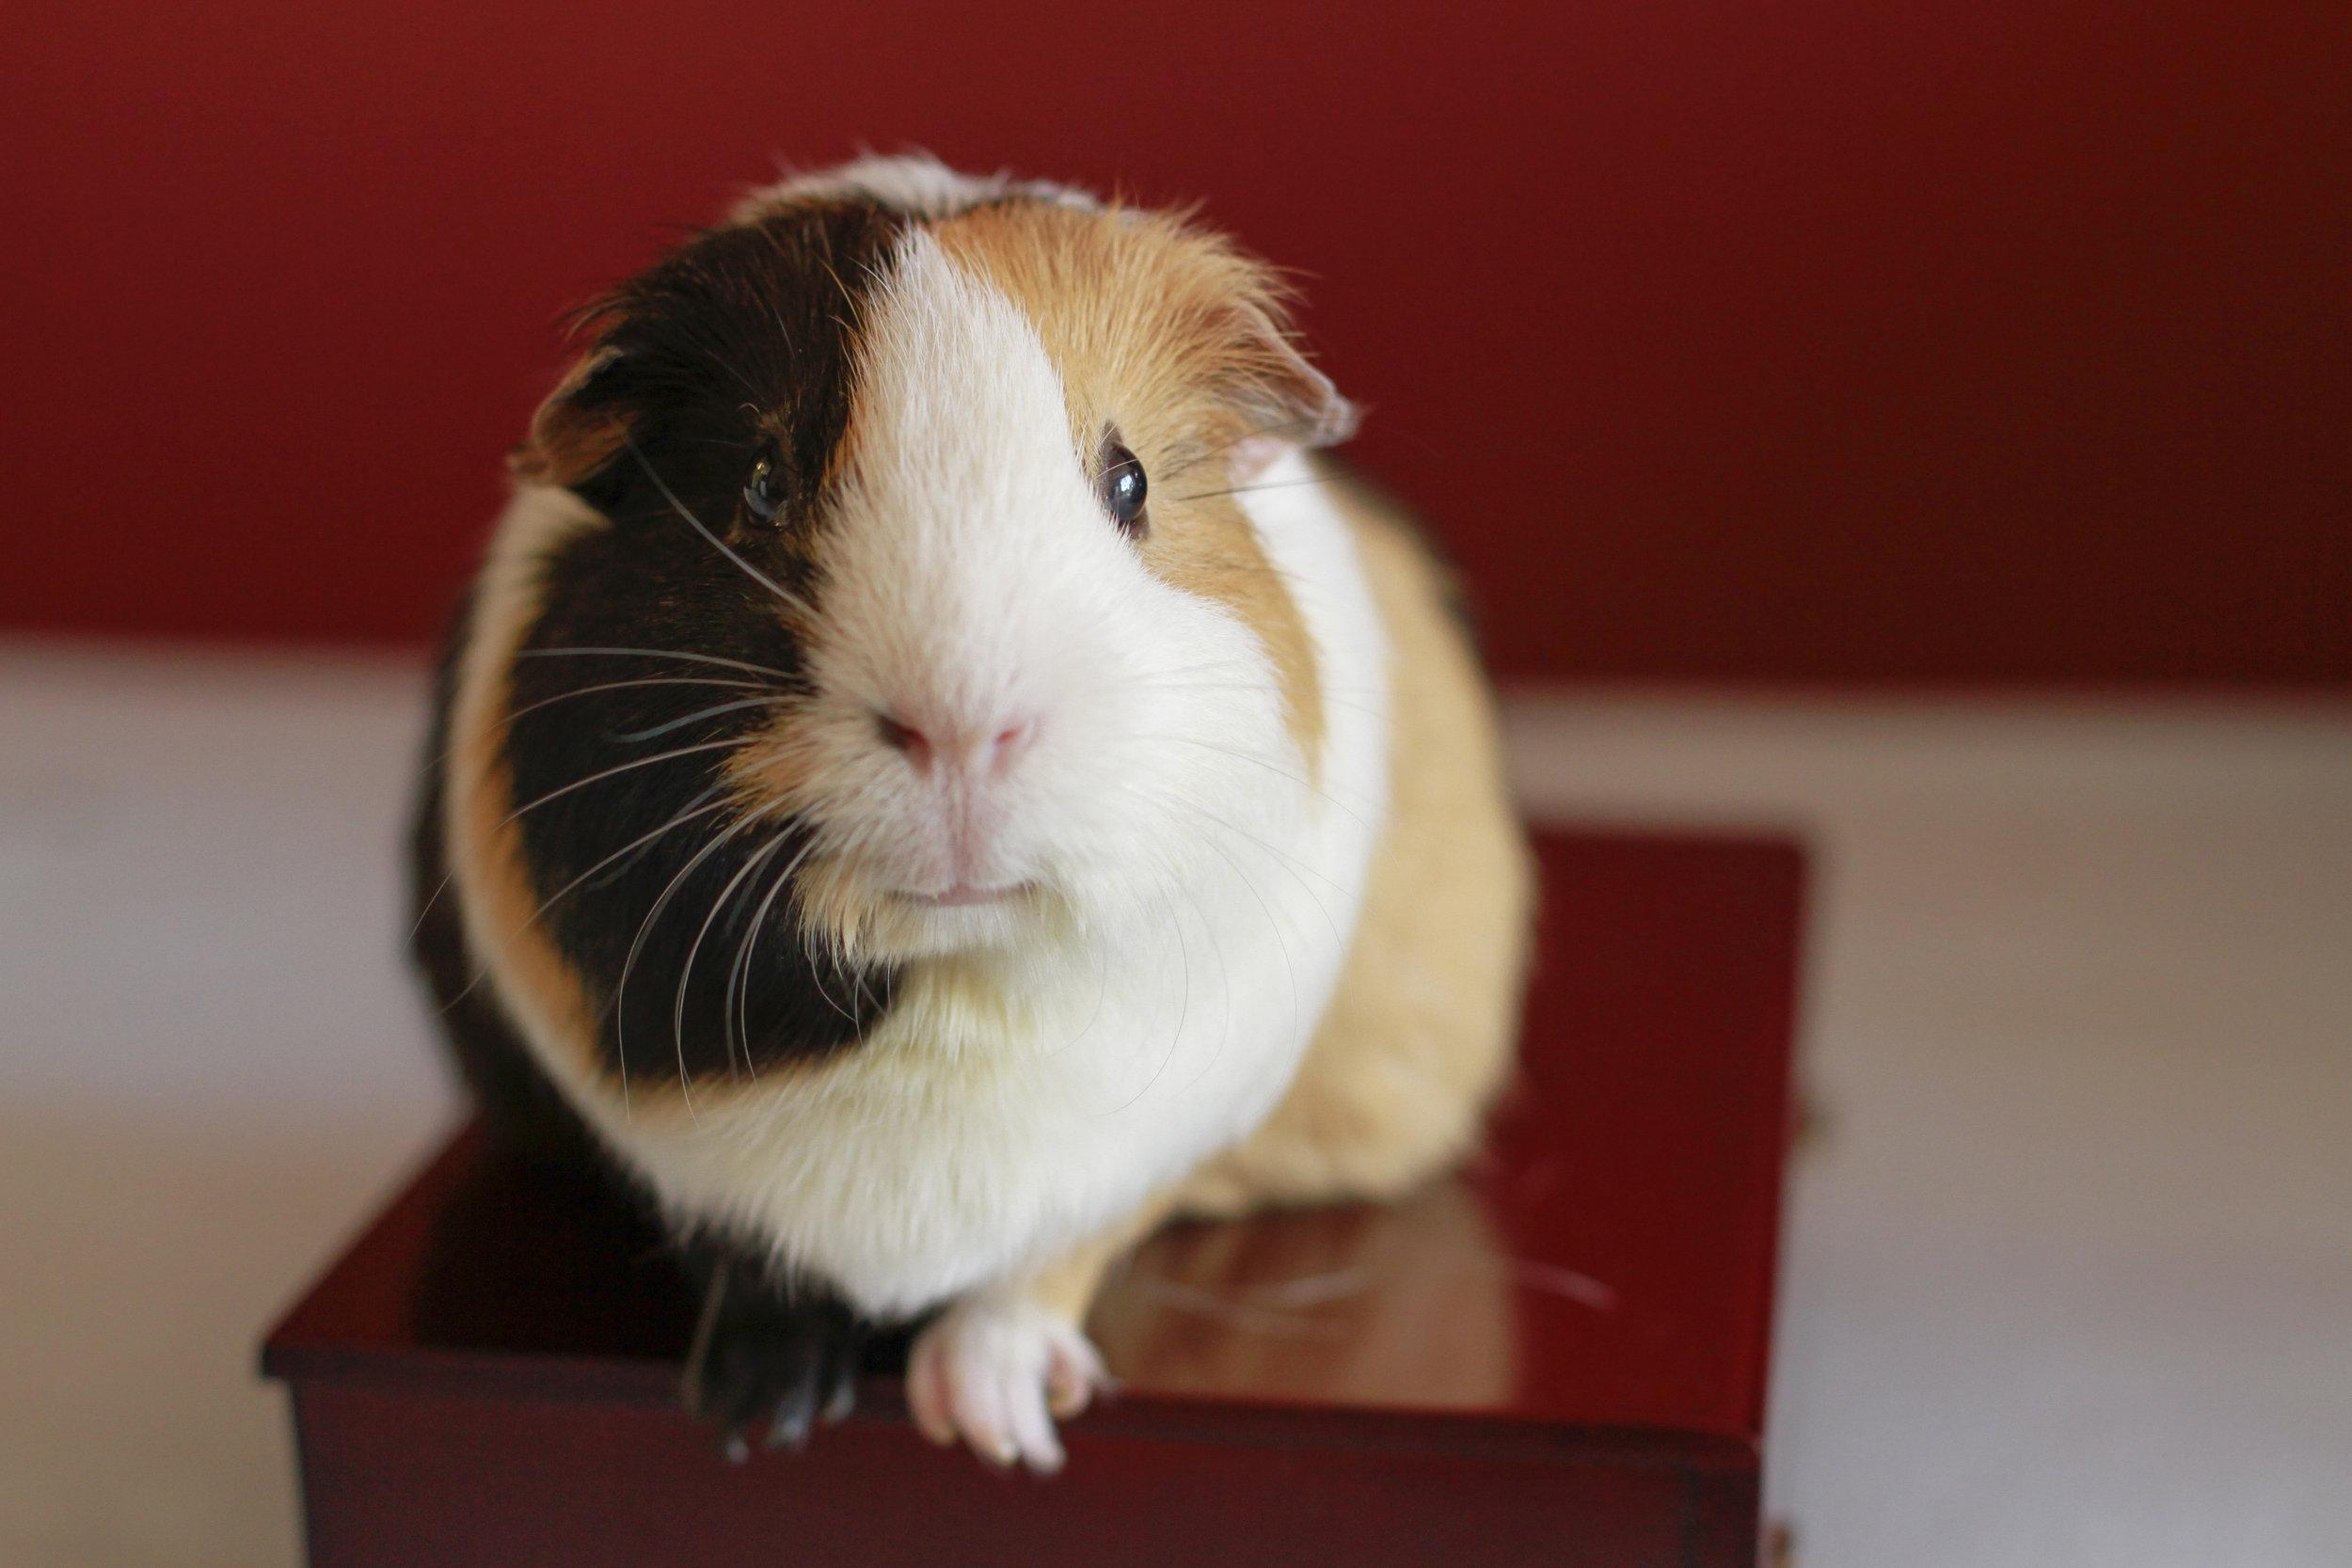 Miss Piggy Superstar